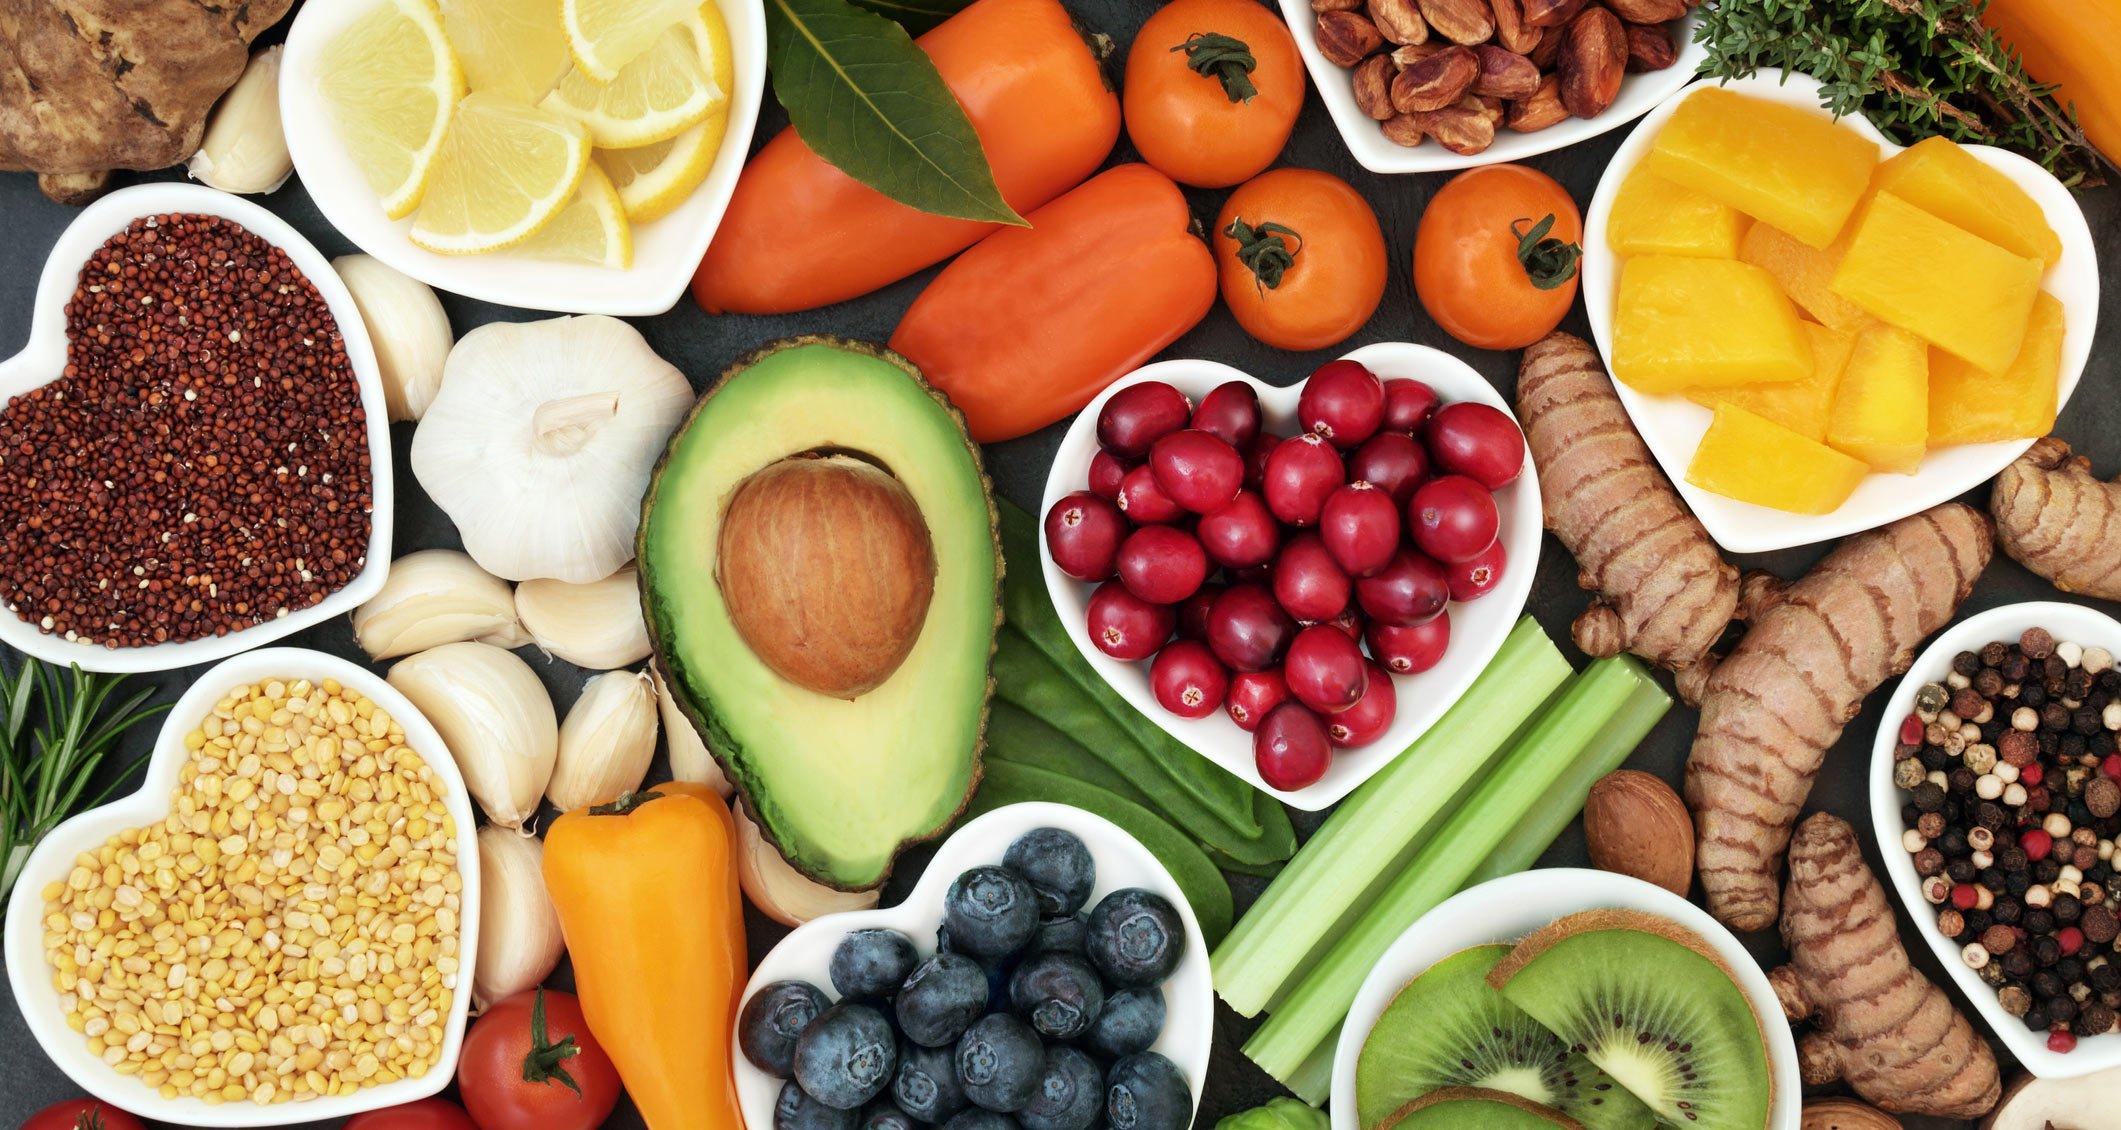 5 أطعمة تخفض الكوليسترول.. تعرف عليها   صحيفة الاقتصادية